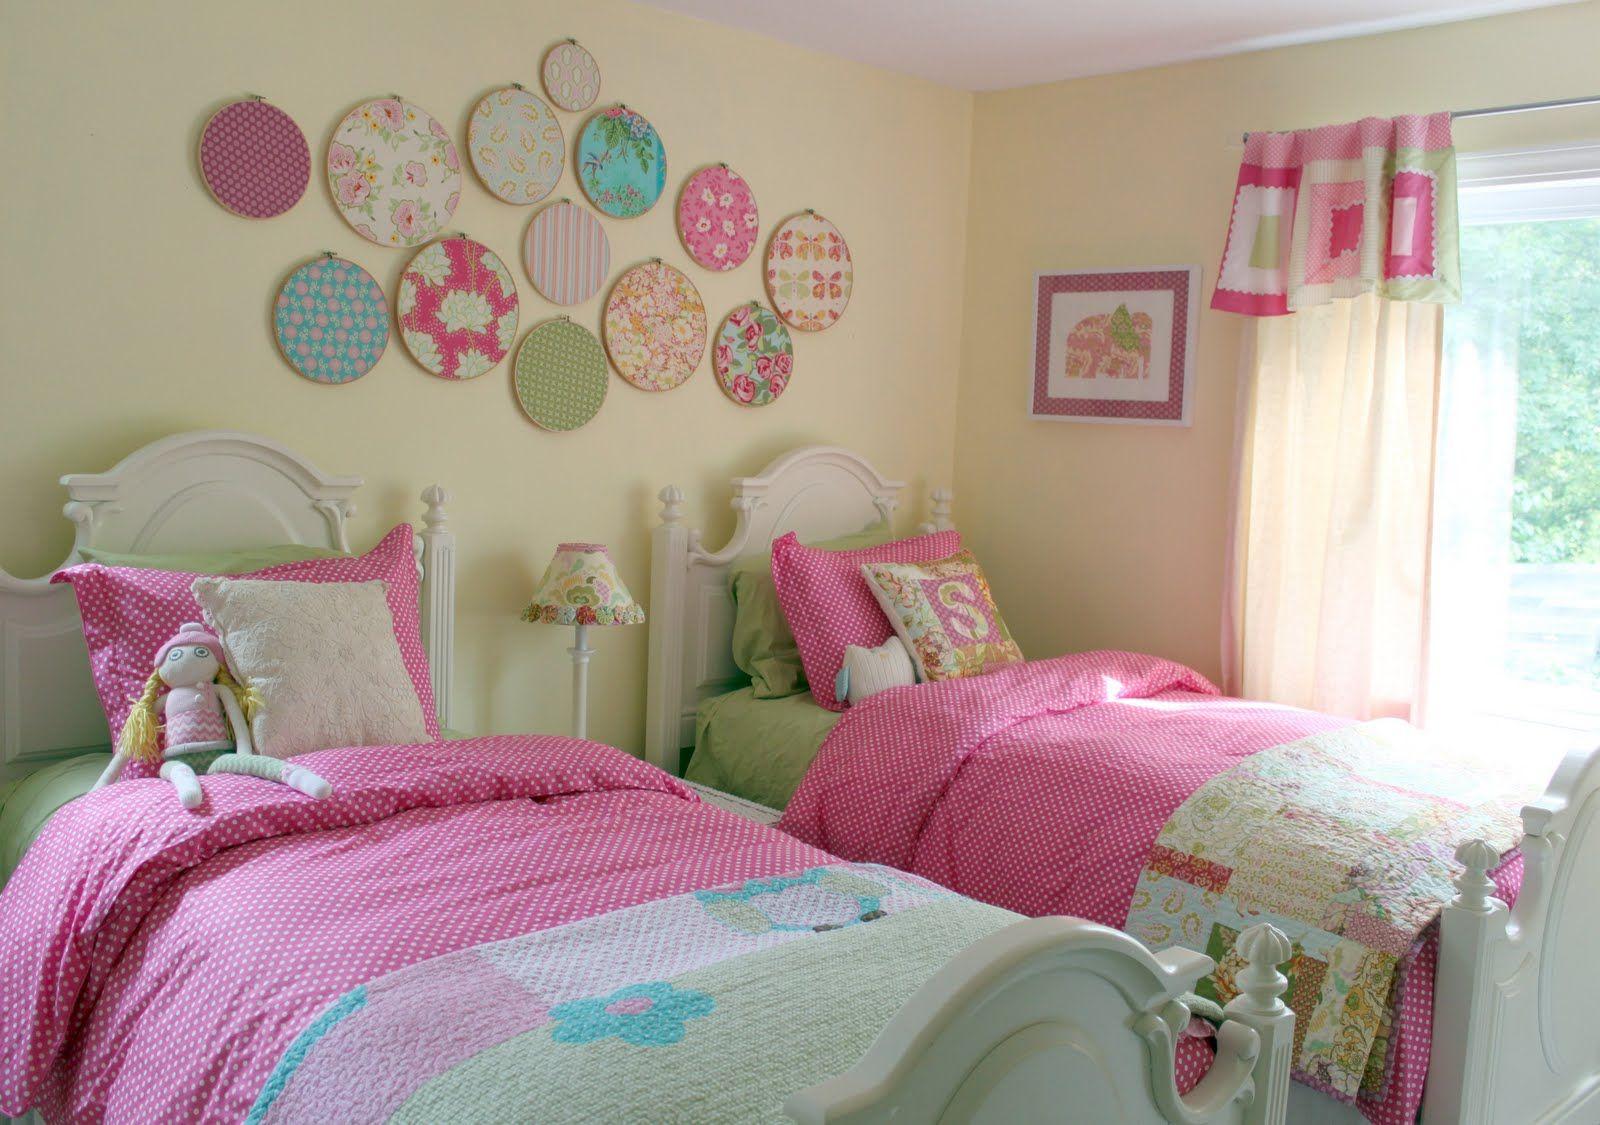 Bedroom Photos Teen Girls Bedrooms Design Pictures Remodel Decor - Bedroom ideas girl